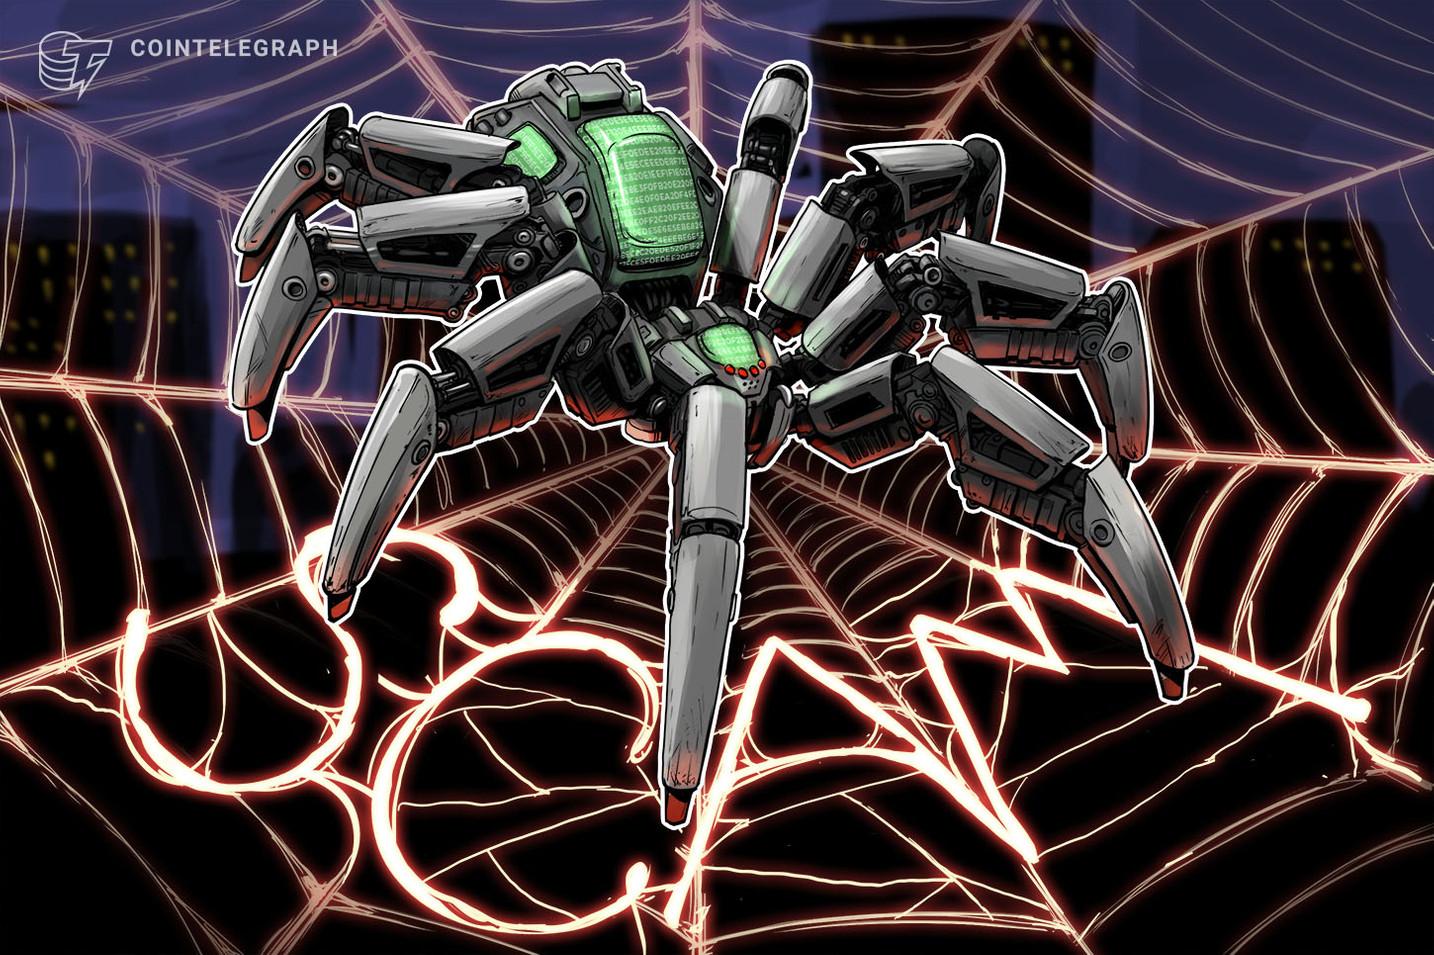 Aplikacija koja nudi bitkoin i iter korisnicima je prevara, upozorava lovac na malvare